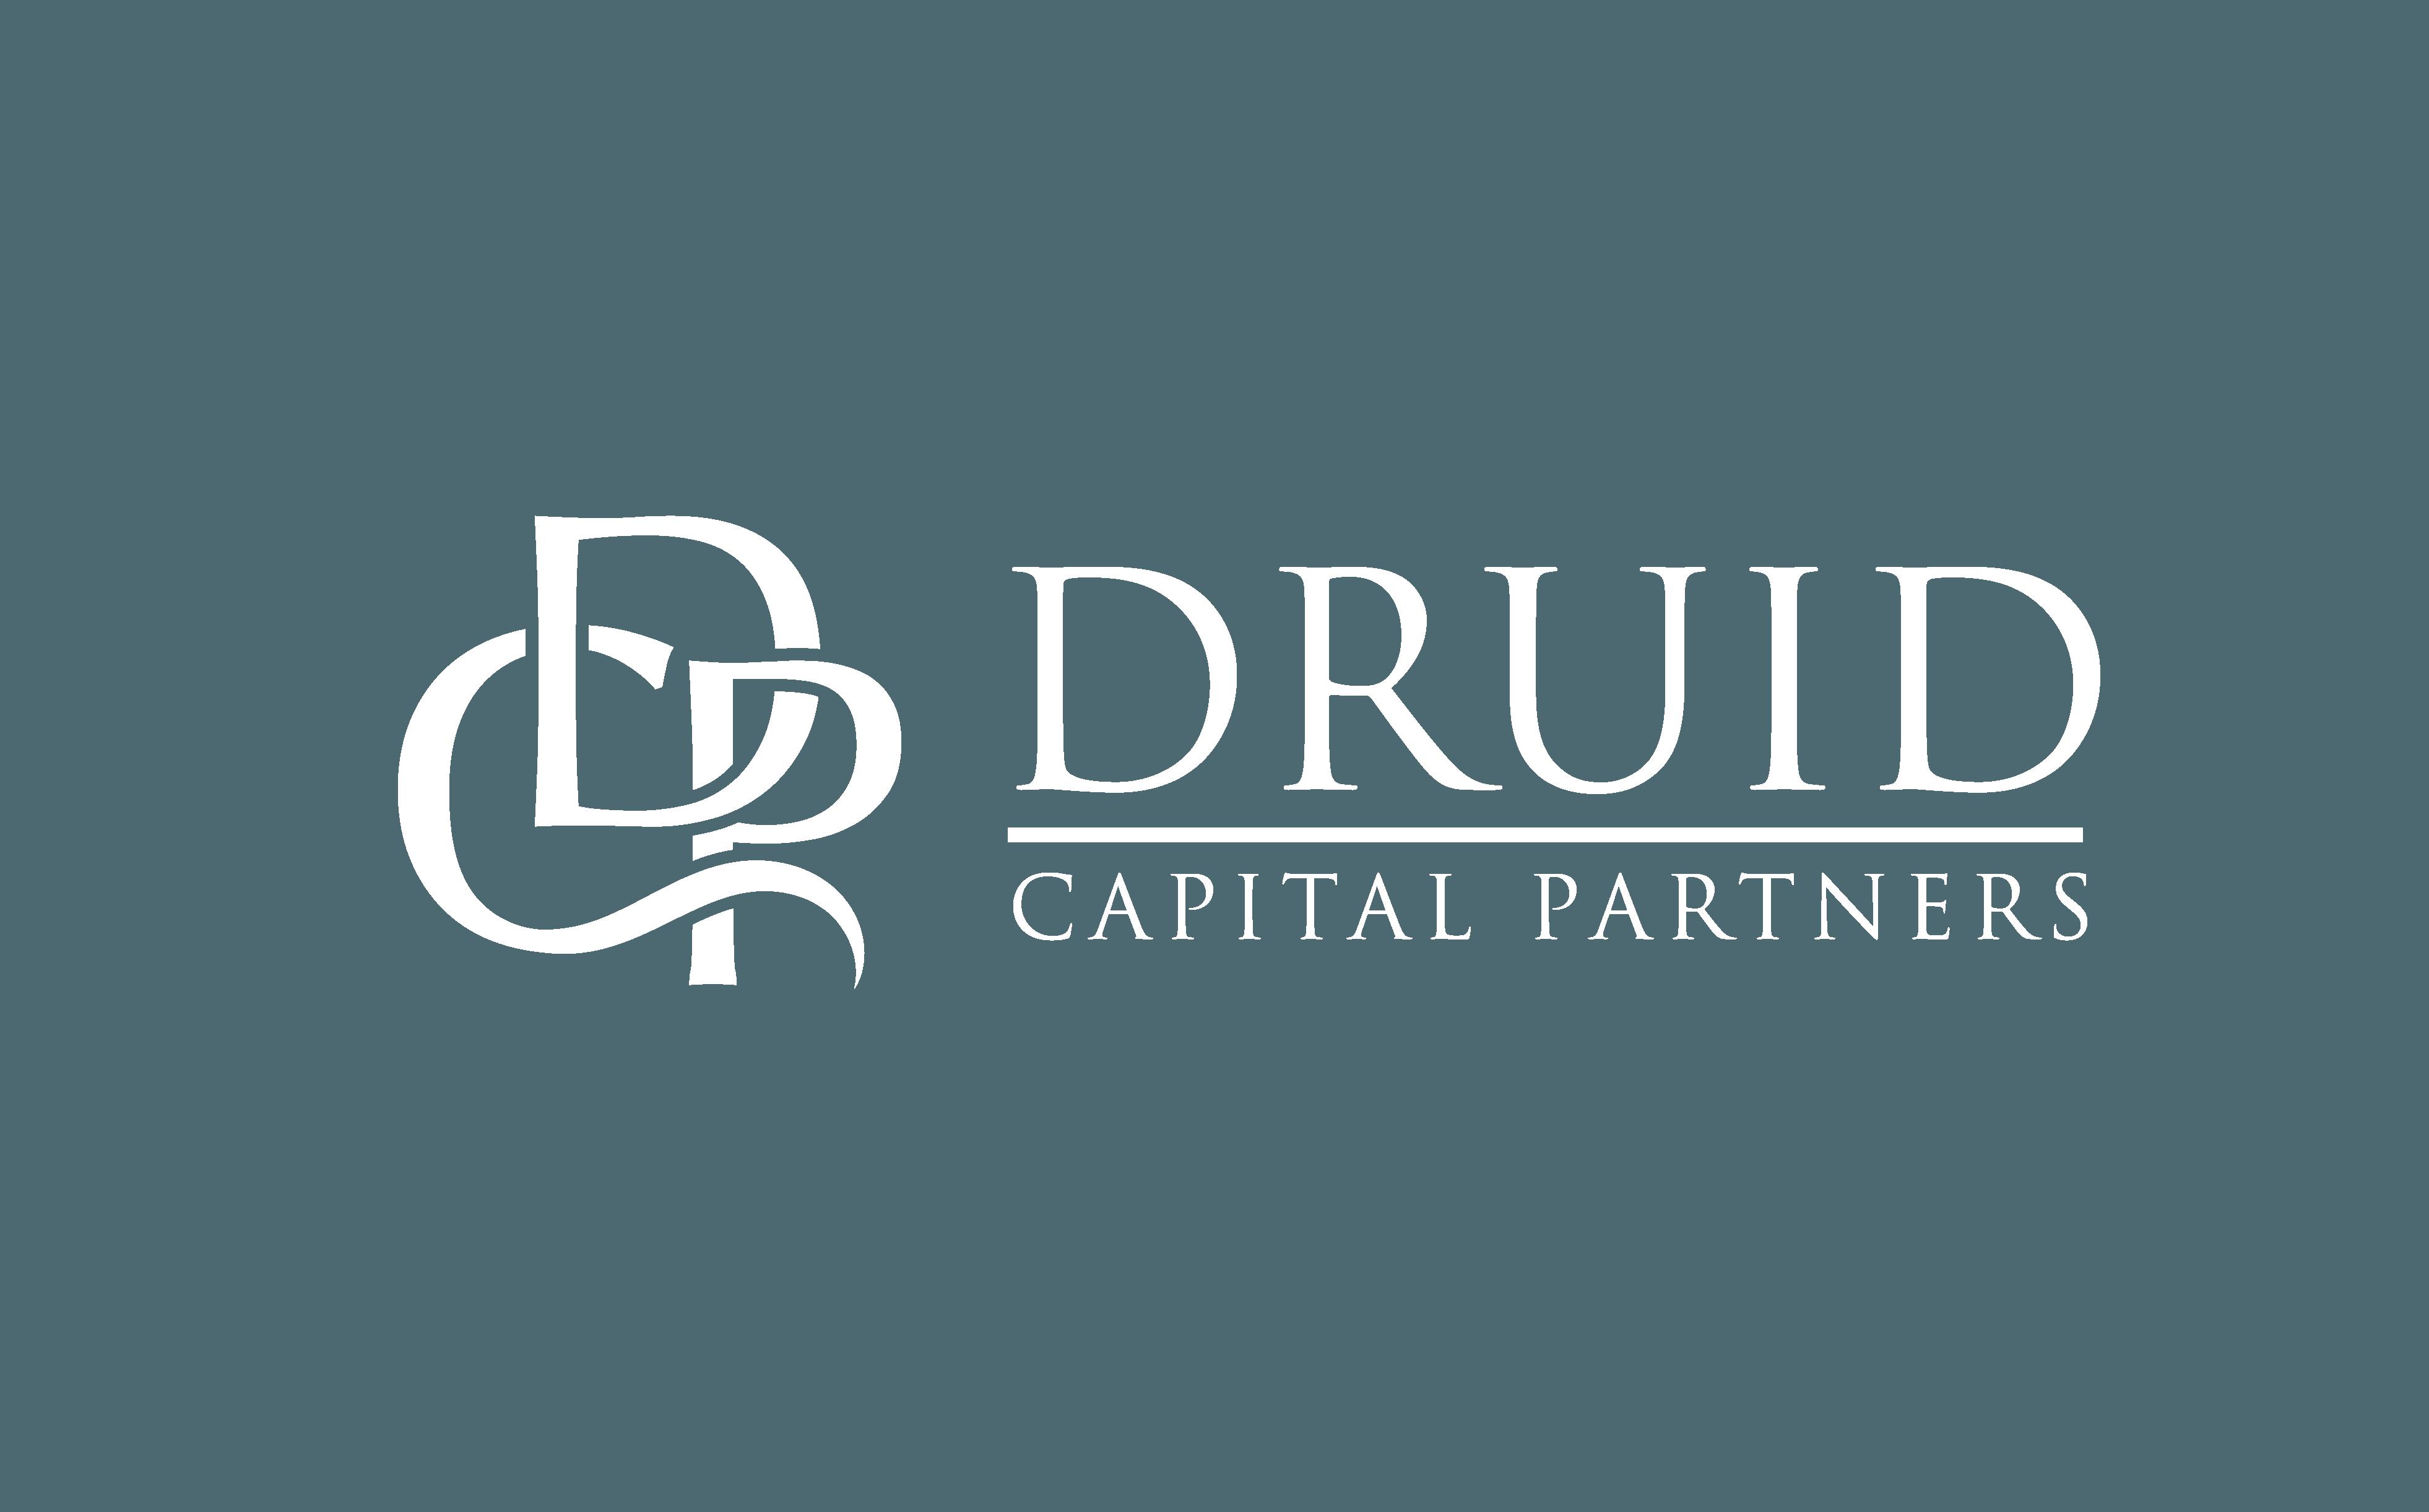 Druid Captial